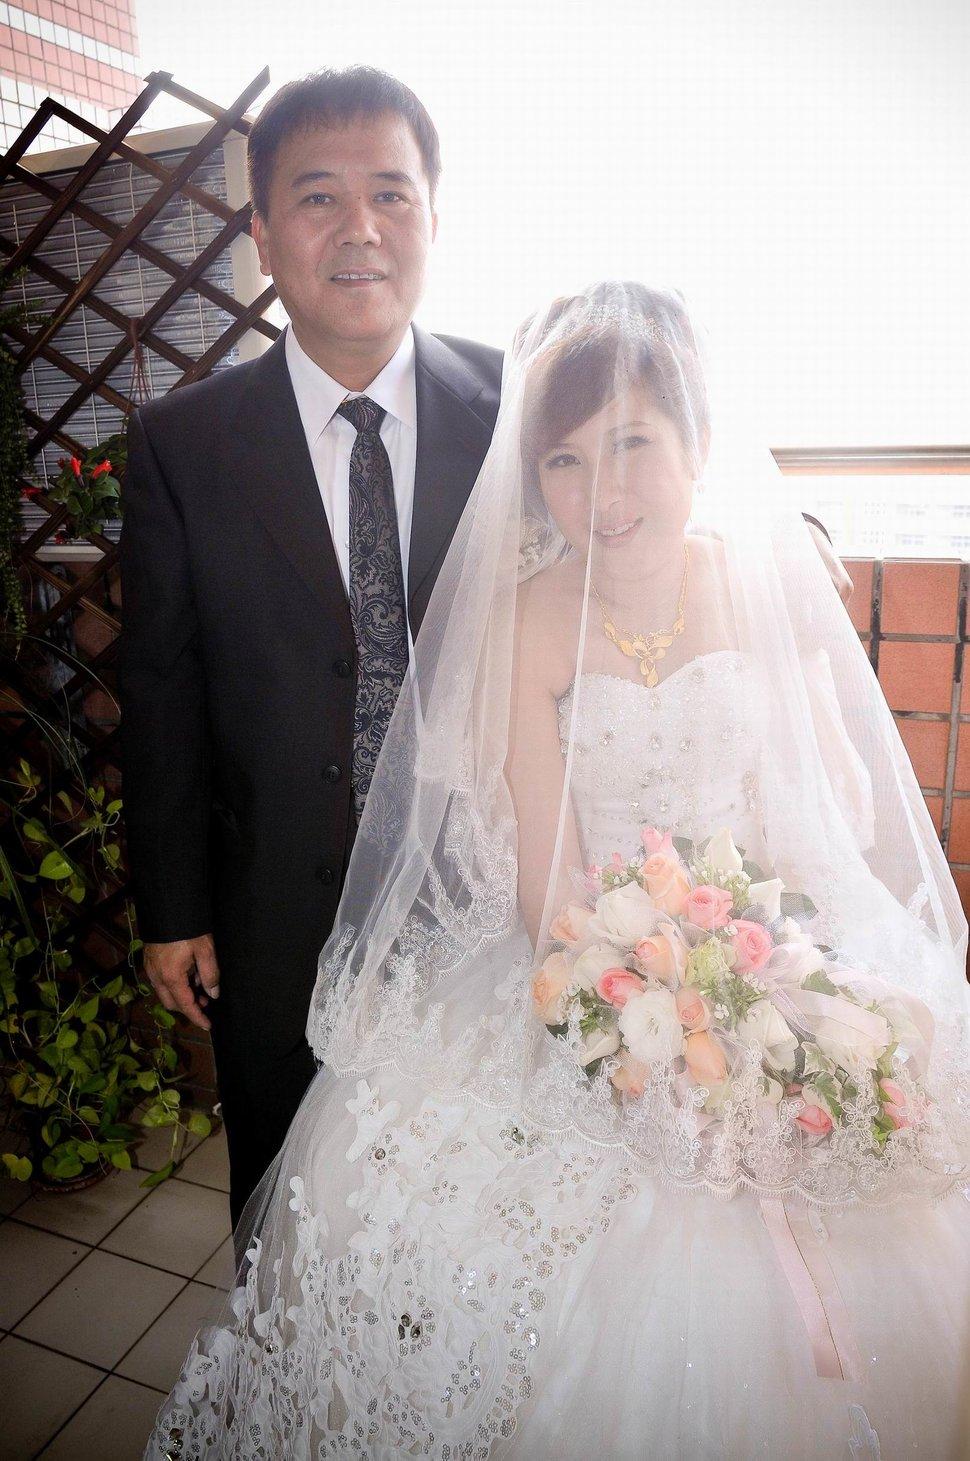 專業婚攝婚禮紀錄婚禮紀錄專業錄影婚禮錄影婚禮記錄動態微電影錄影專業錄影平面攝影婚攝婚禮主持人(編號:280475) - 蜜月拍照10800錄影12800攝影團隊 - 結婚吧